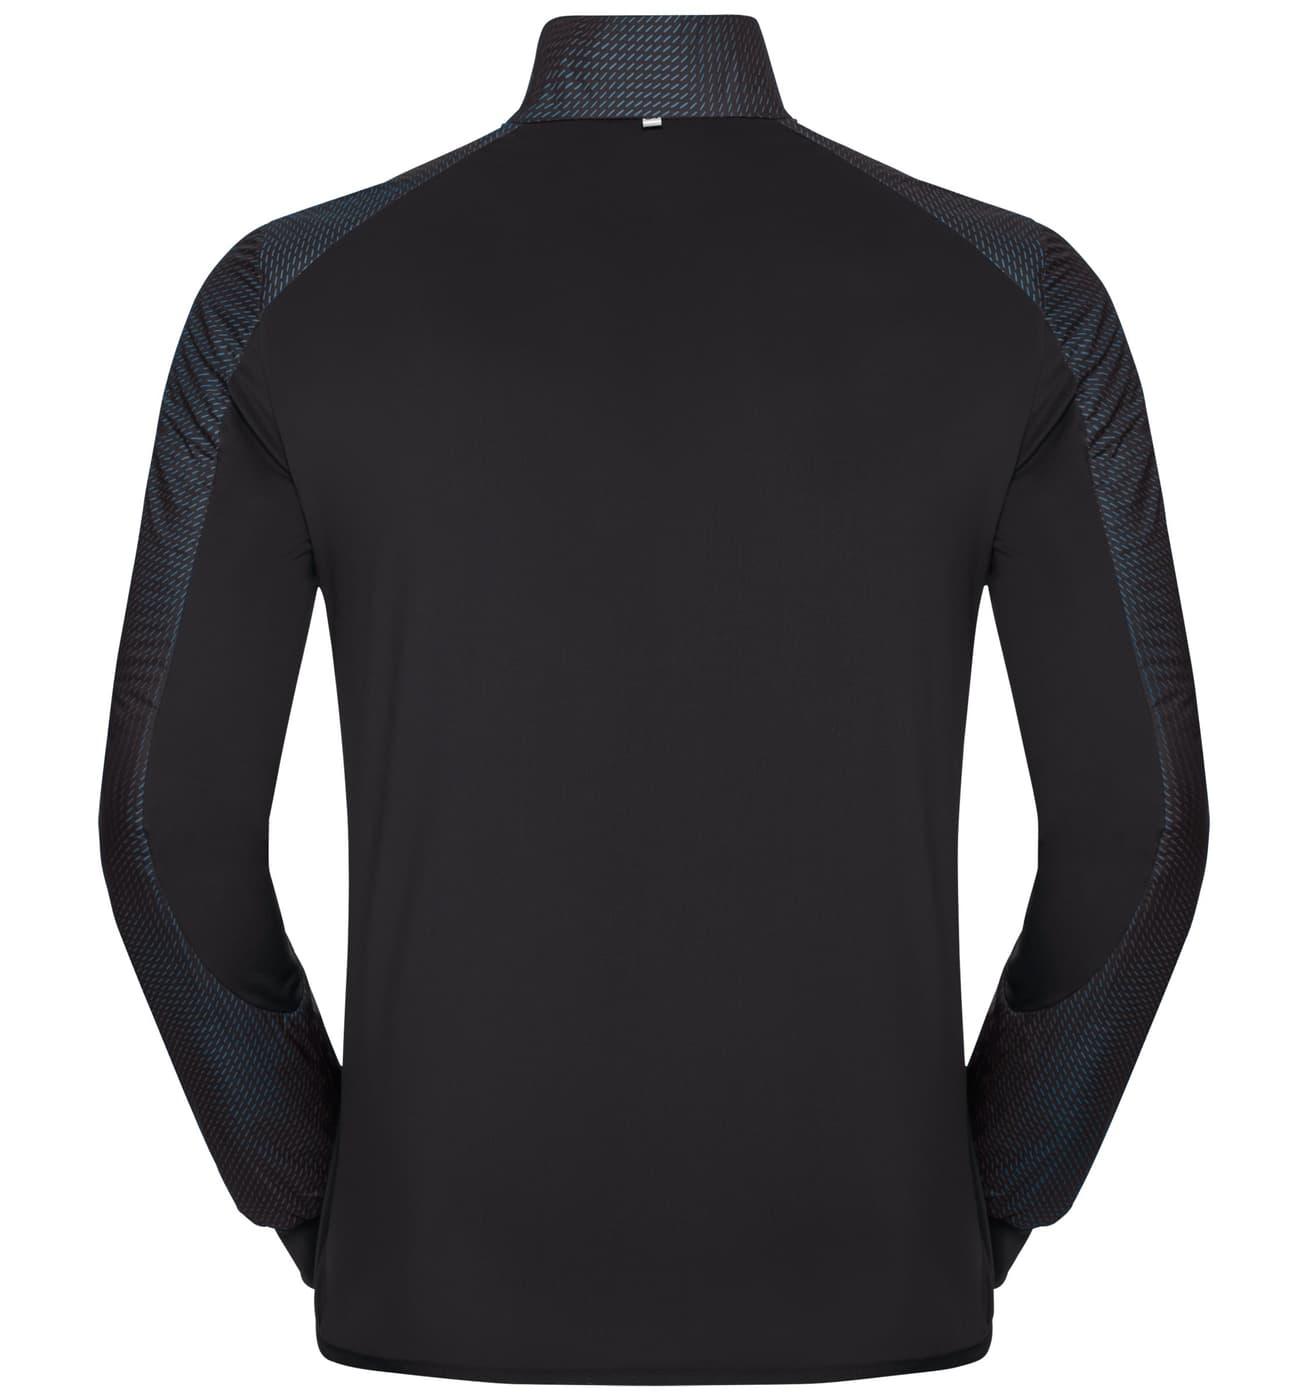 Jacket Herren Odlo X Warm Irbis Jacke 8wnPk0OX